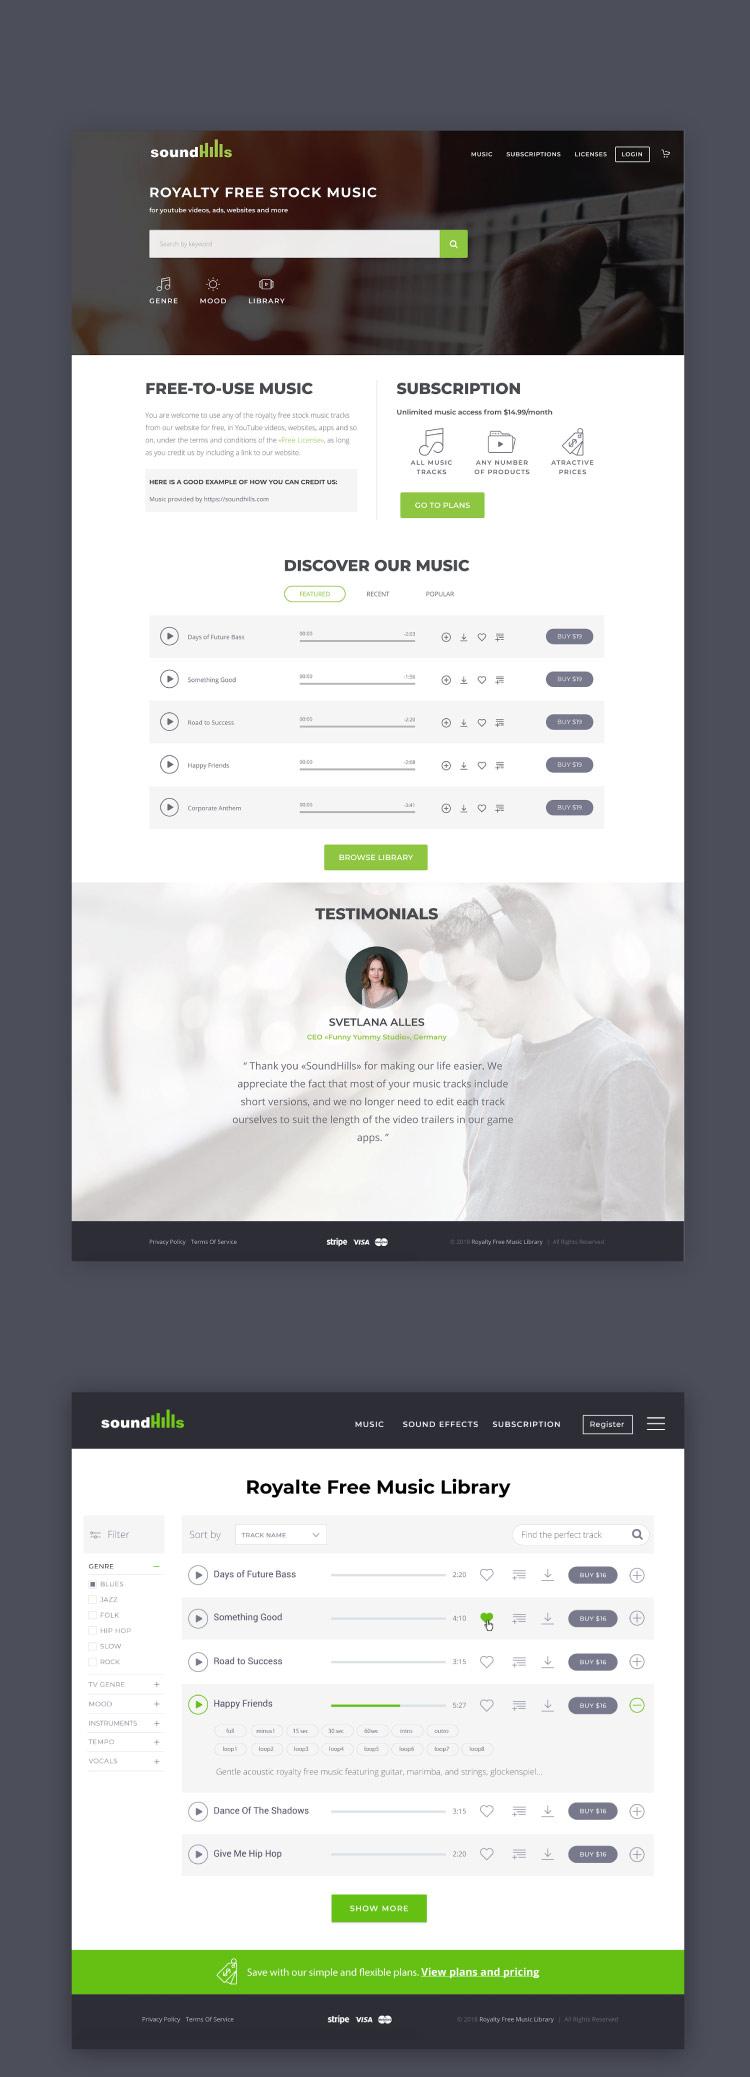 Design du site web SoundHills : page d'accueil